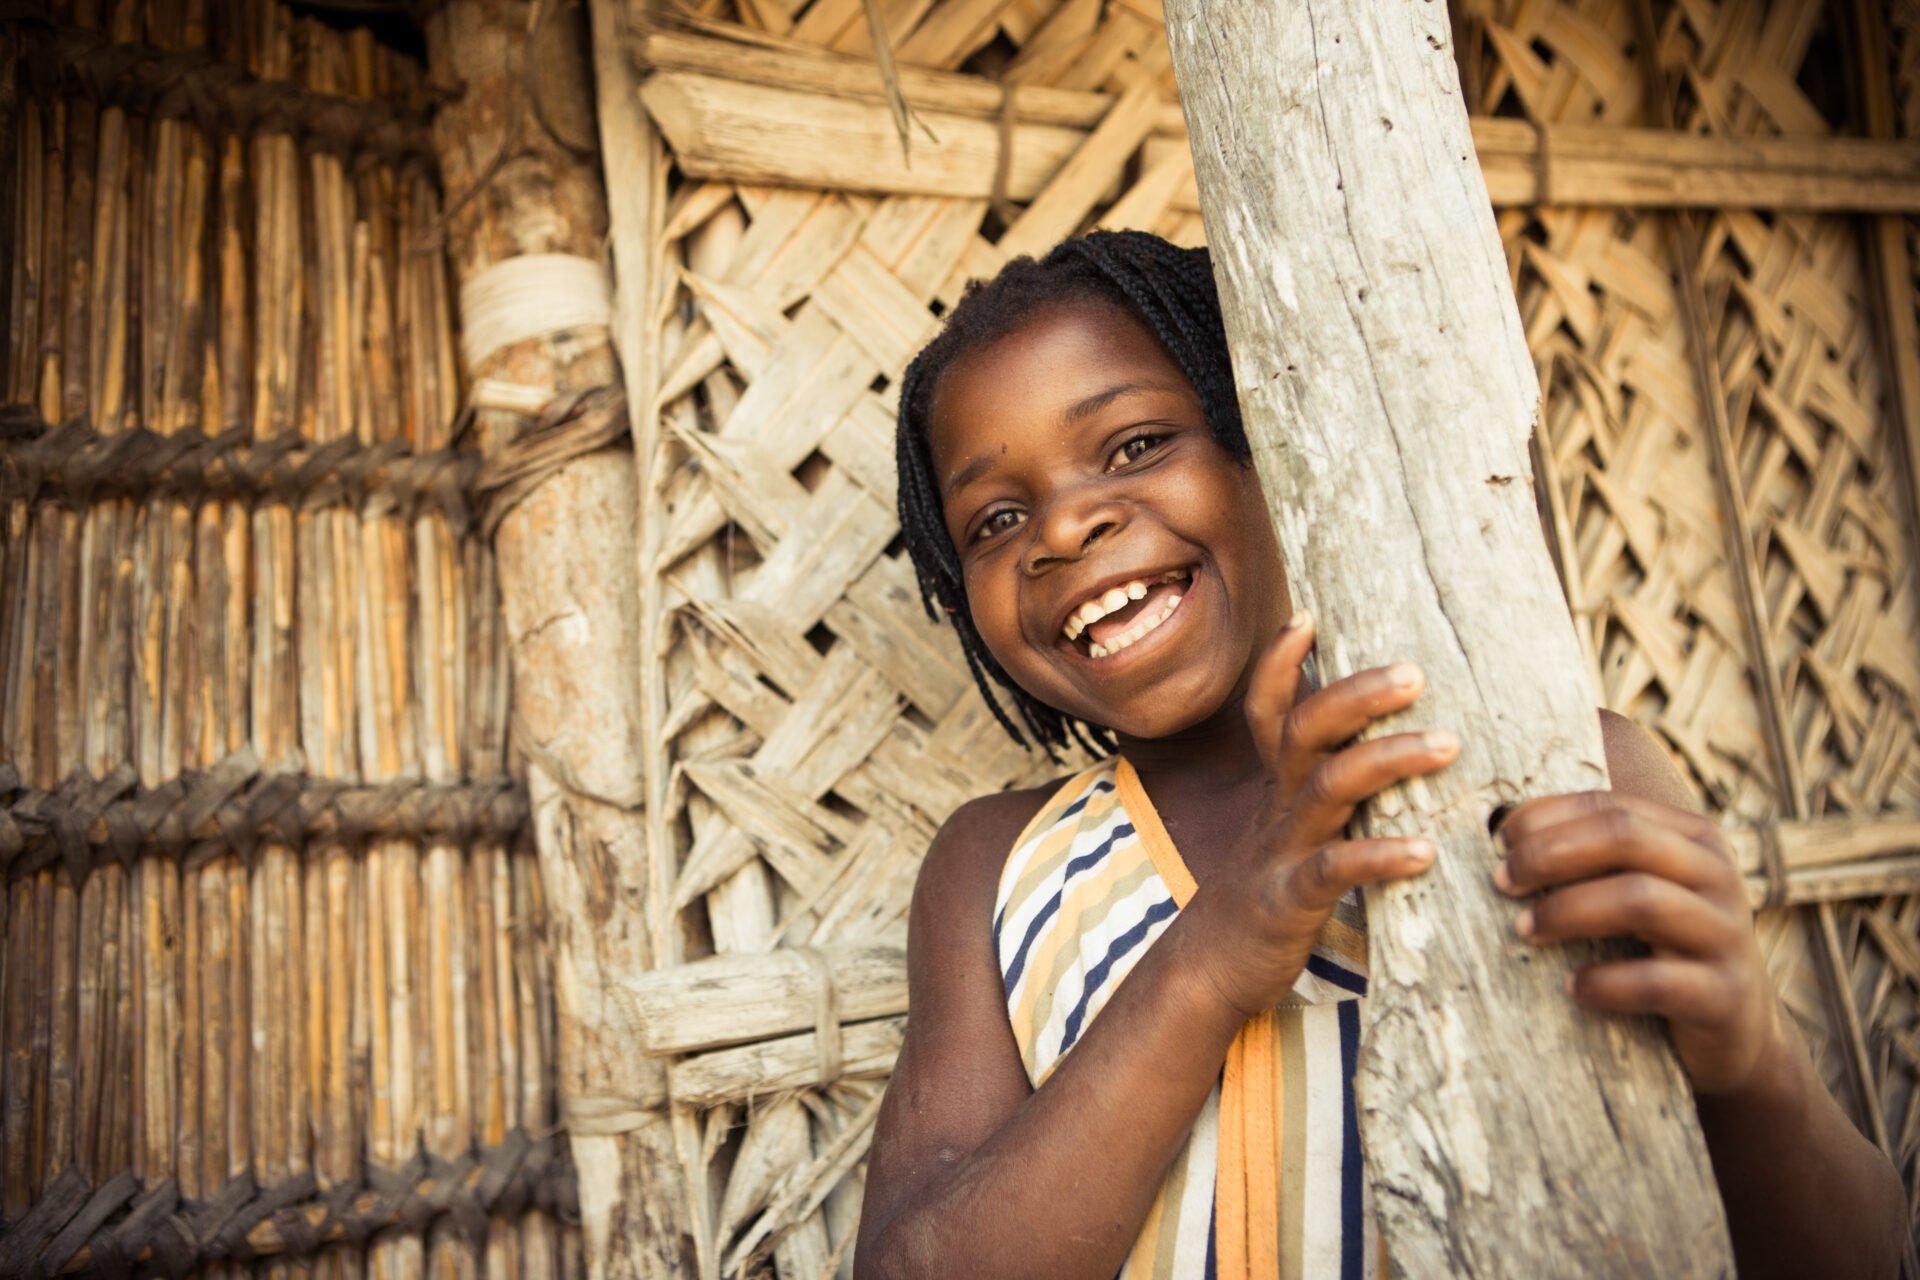 Mosambikilainen tyttö nojaa pylvääseen ja hymyilee.